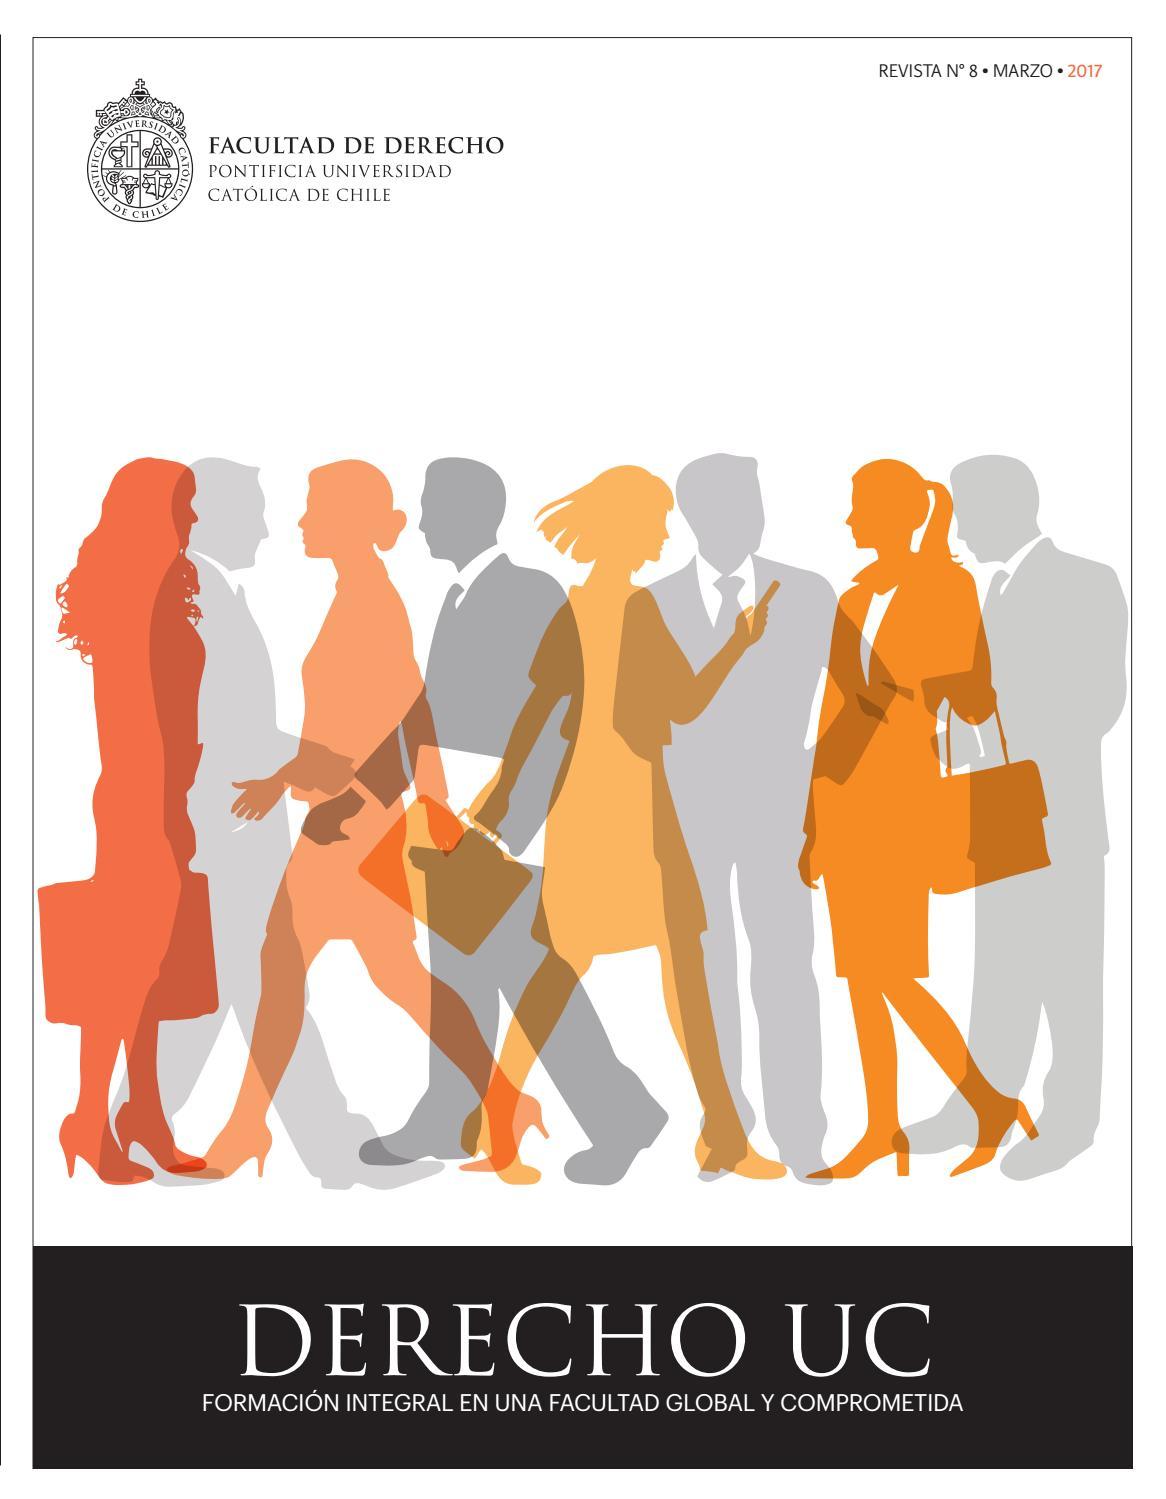 Revista Derecho UC 2016 by Derecho UC - issuu